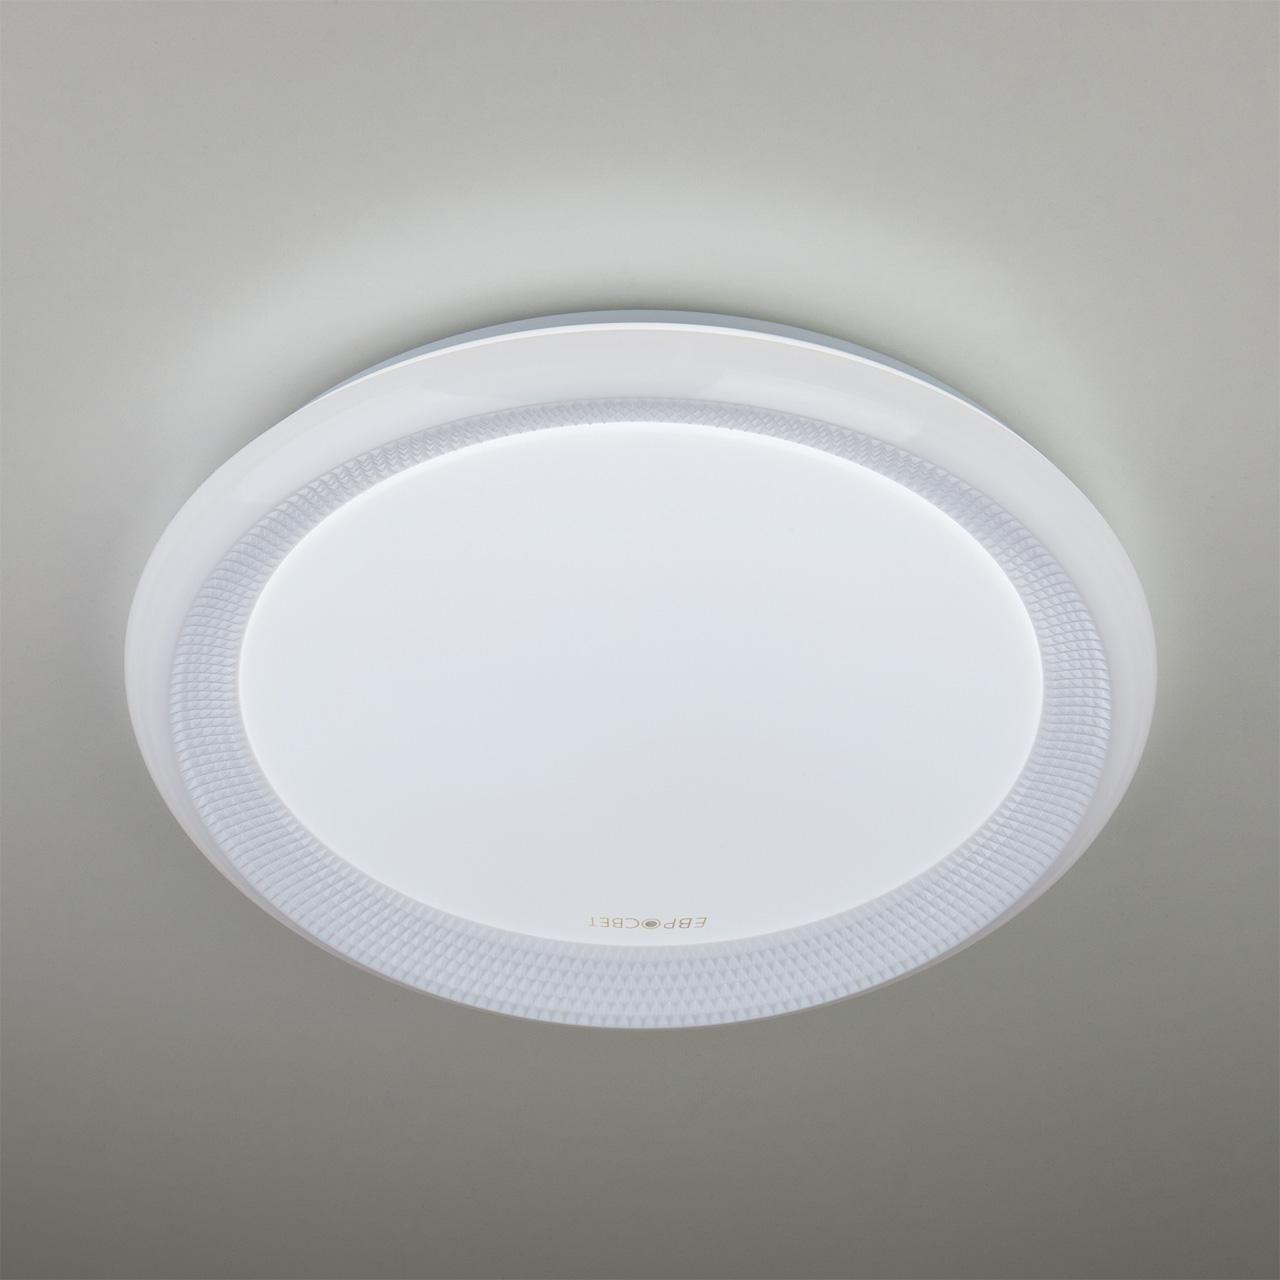 как исследования потолочные люстры для натяжных потолков фото своей